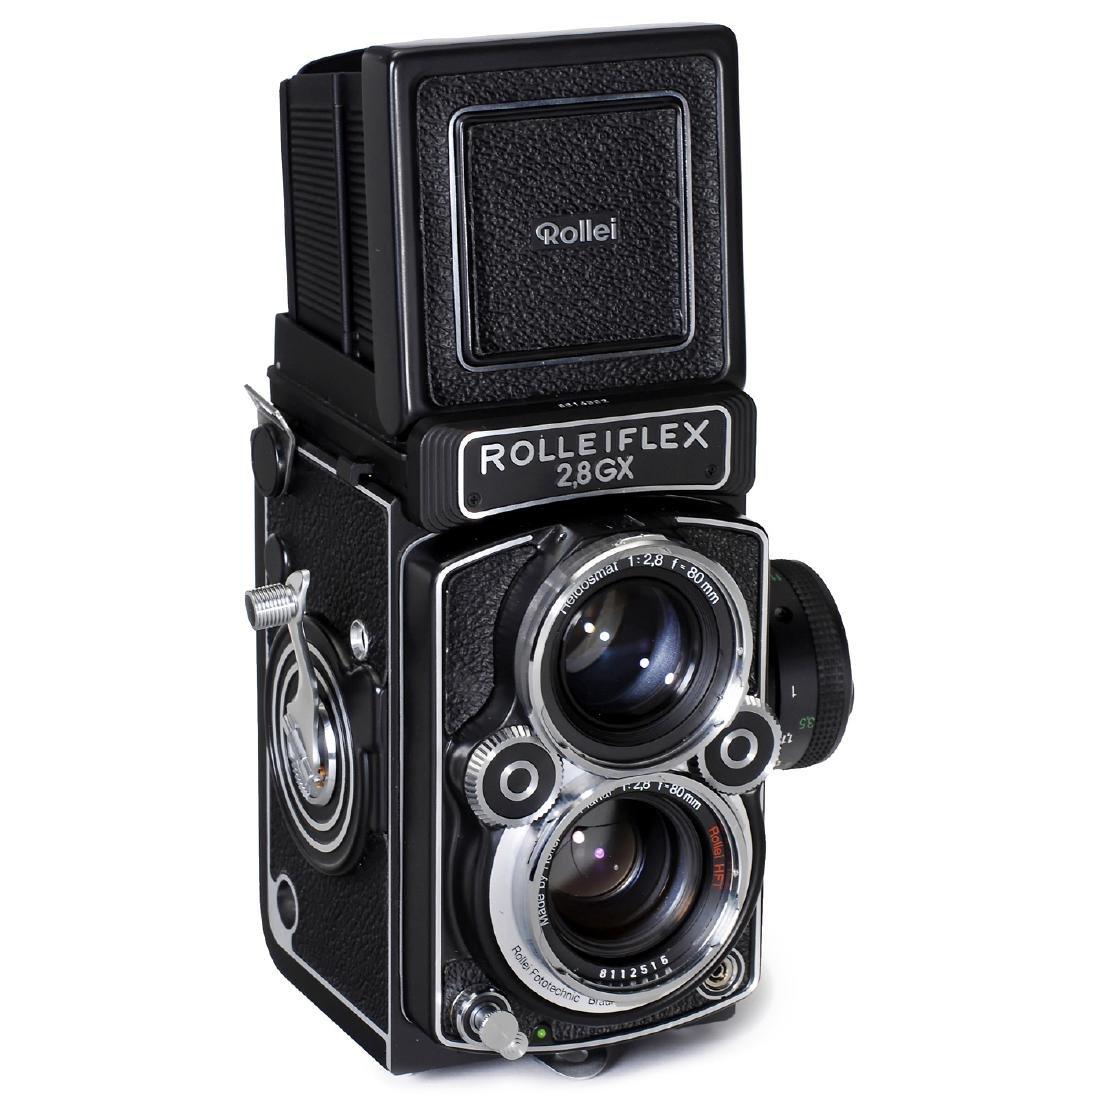 Rolleiflex 2,8GX, c. 1988